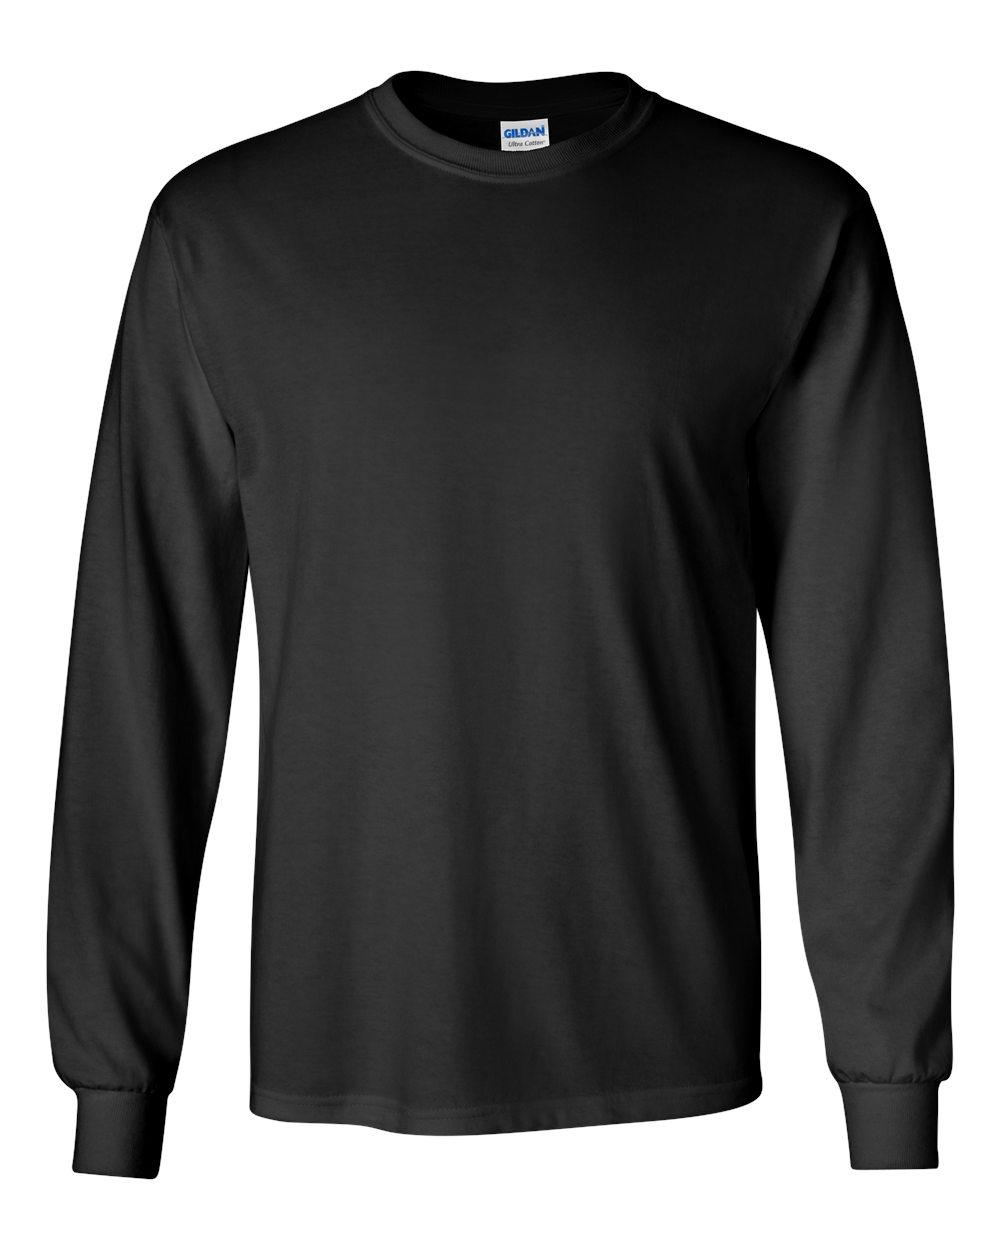 Gildan dryblend 50 50 long sleeved t shirt kirksville for Long sleeve cotton tee shirts